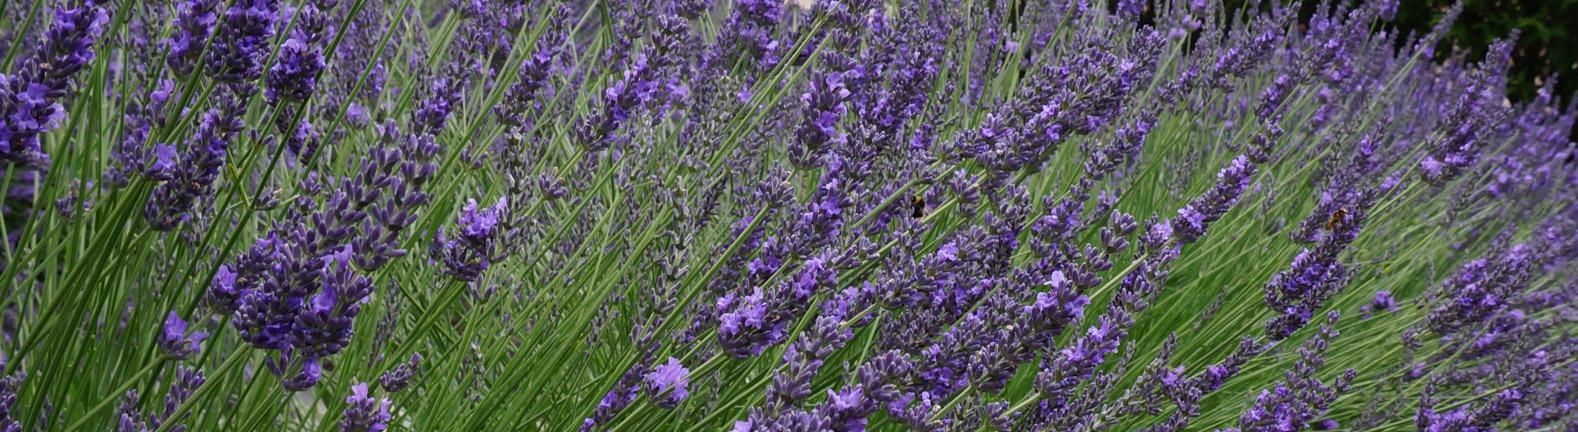 Αρωματικά & Φαρμακευτικά Φυτά